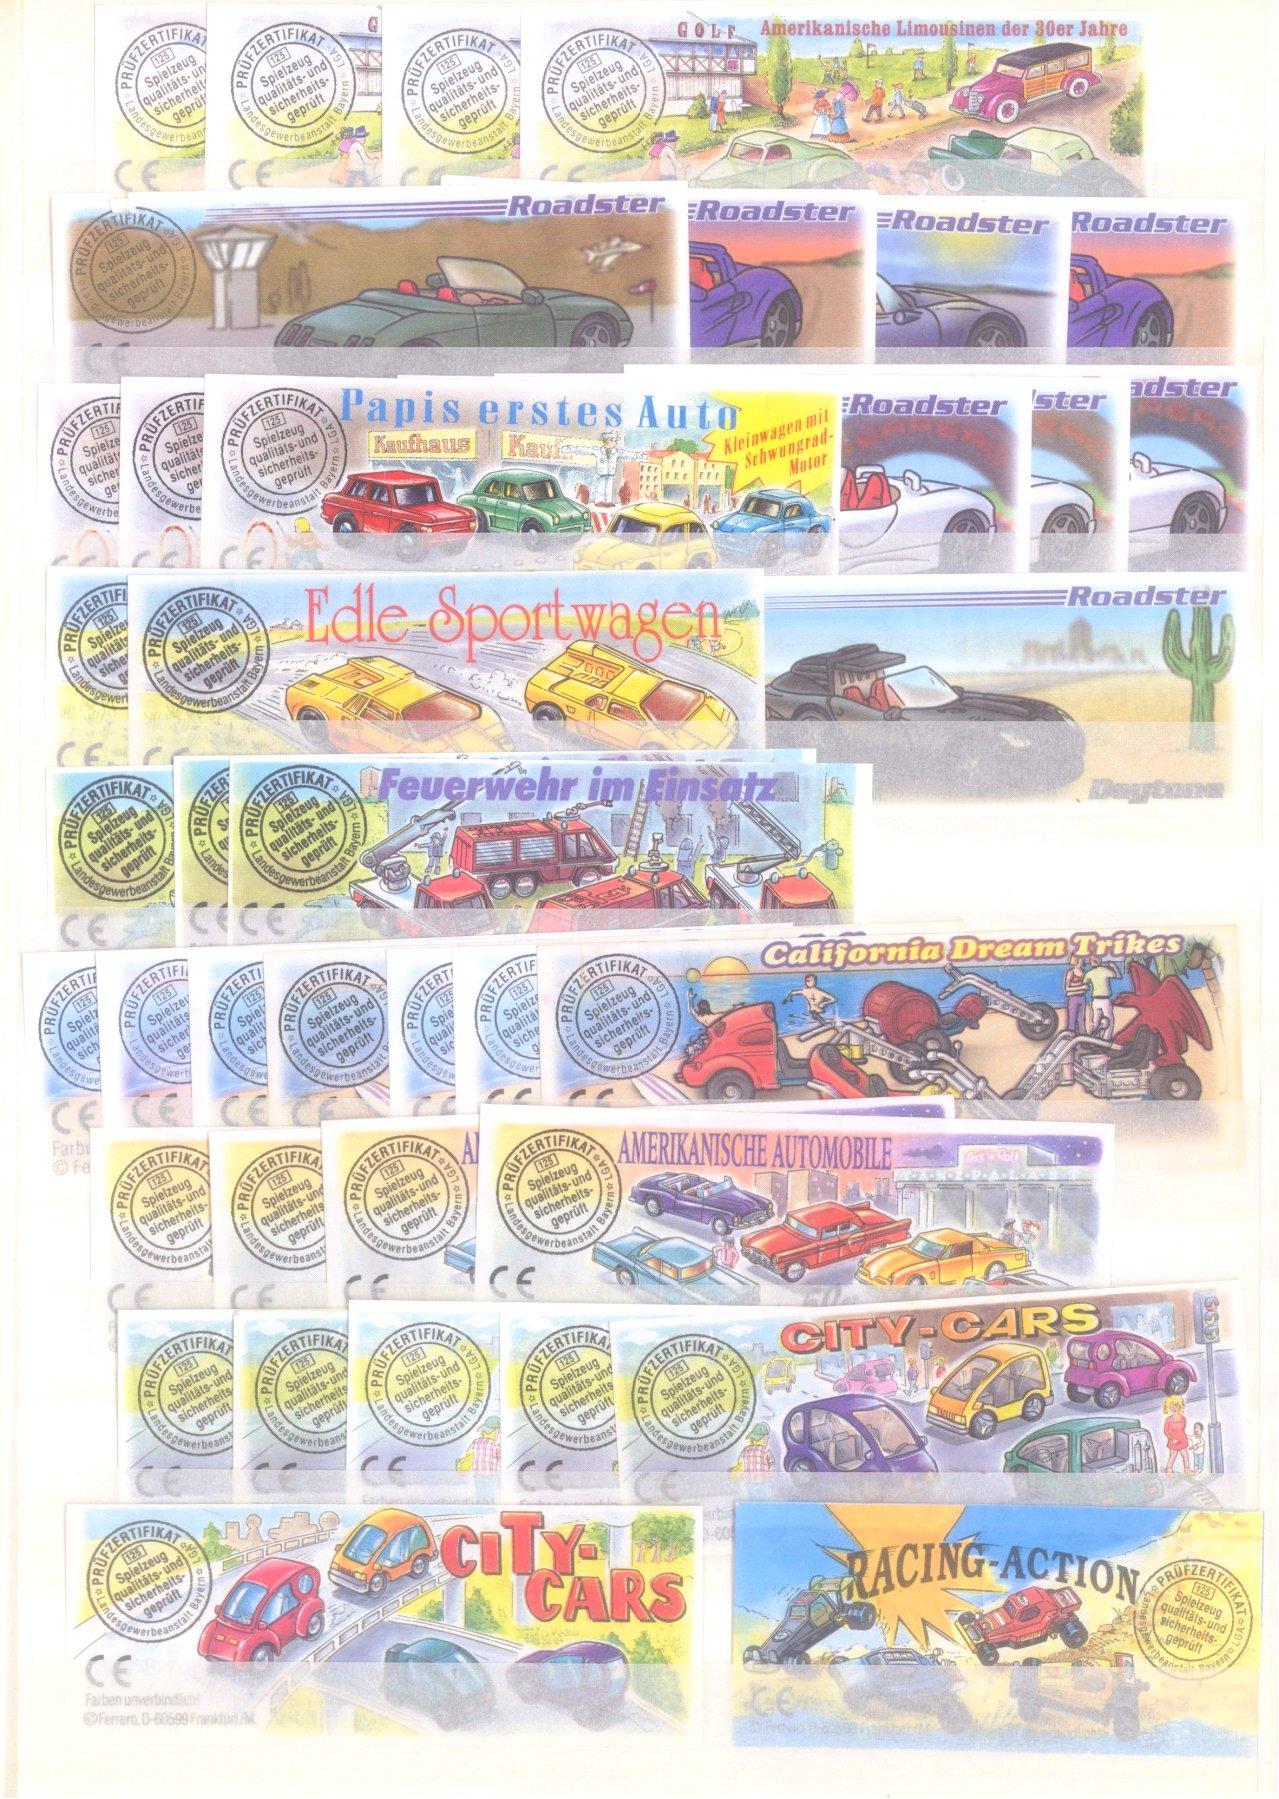 Mannheimer Briefmarkennachlass-1